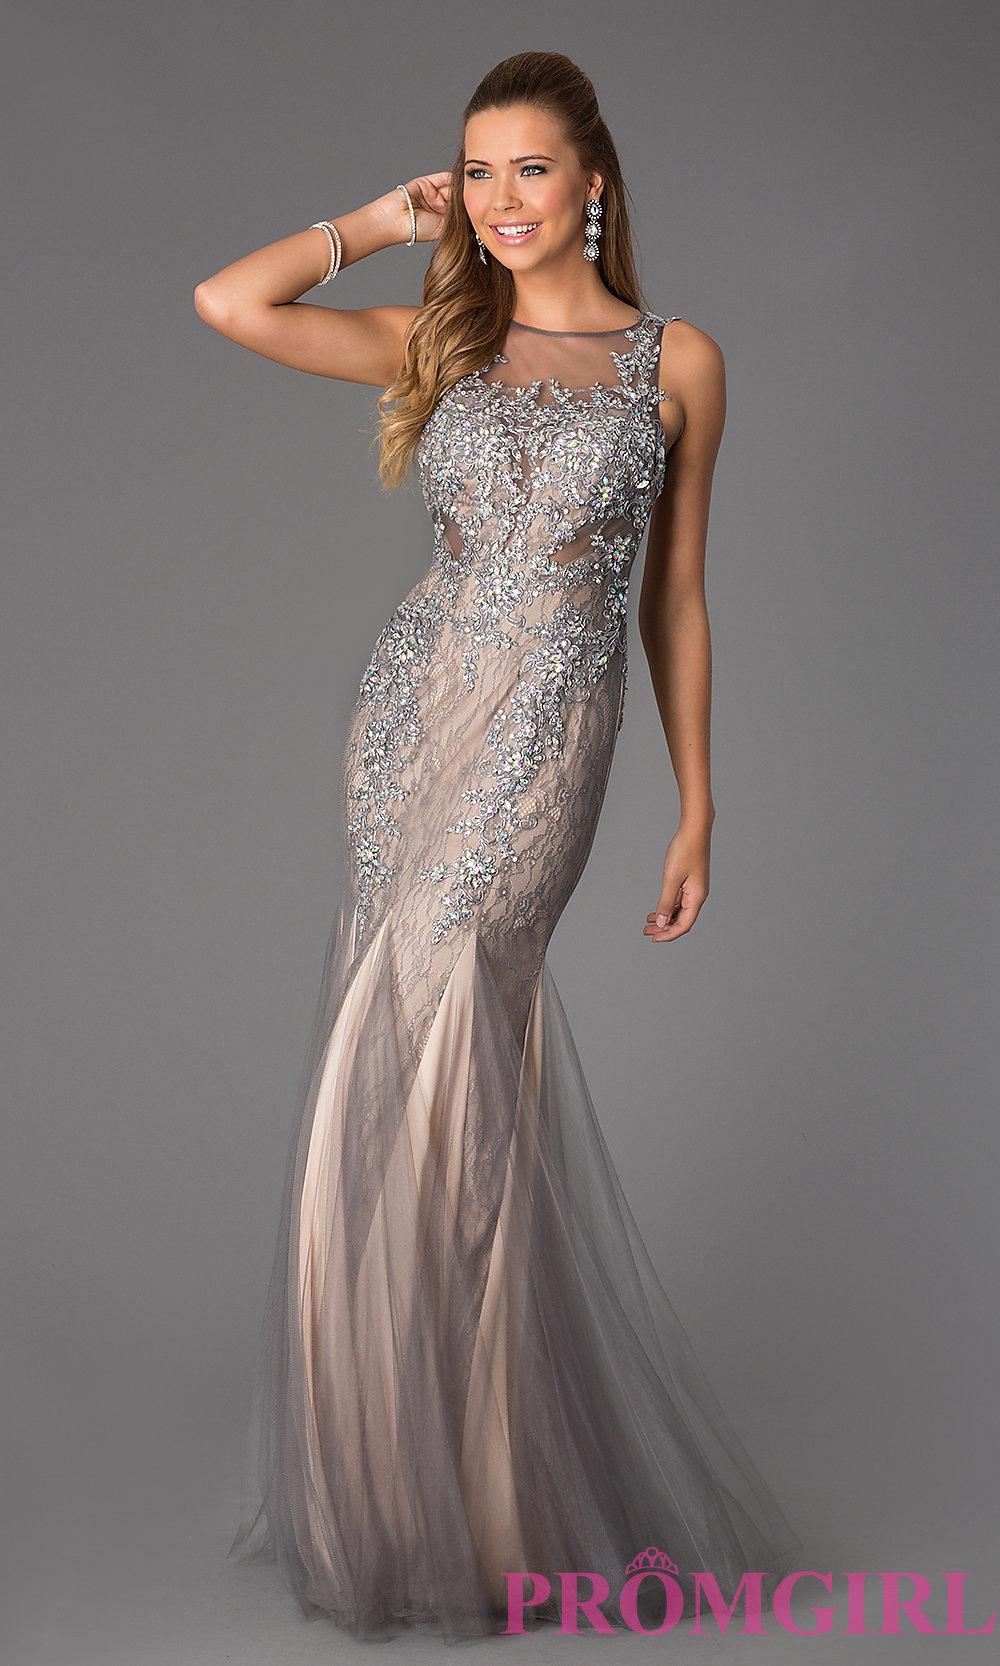 Sleeveless Beaded Lace JVN by Jovani Dress